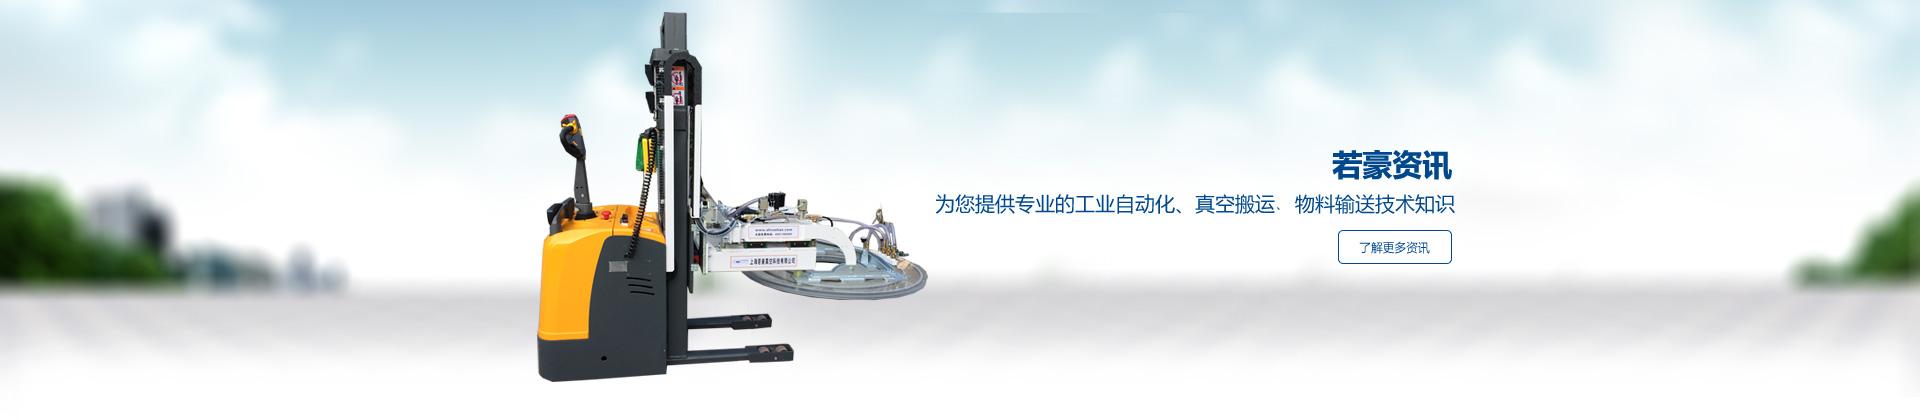 真空xi吊ji,气管xi吊ji,真空xi盘吊具,卷料ban运che选择shang海九州电玩真空科技